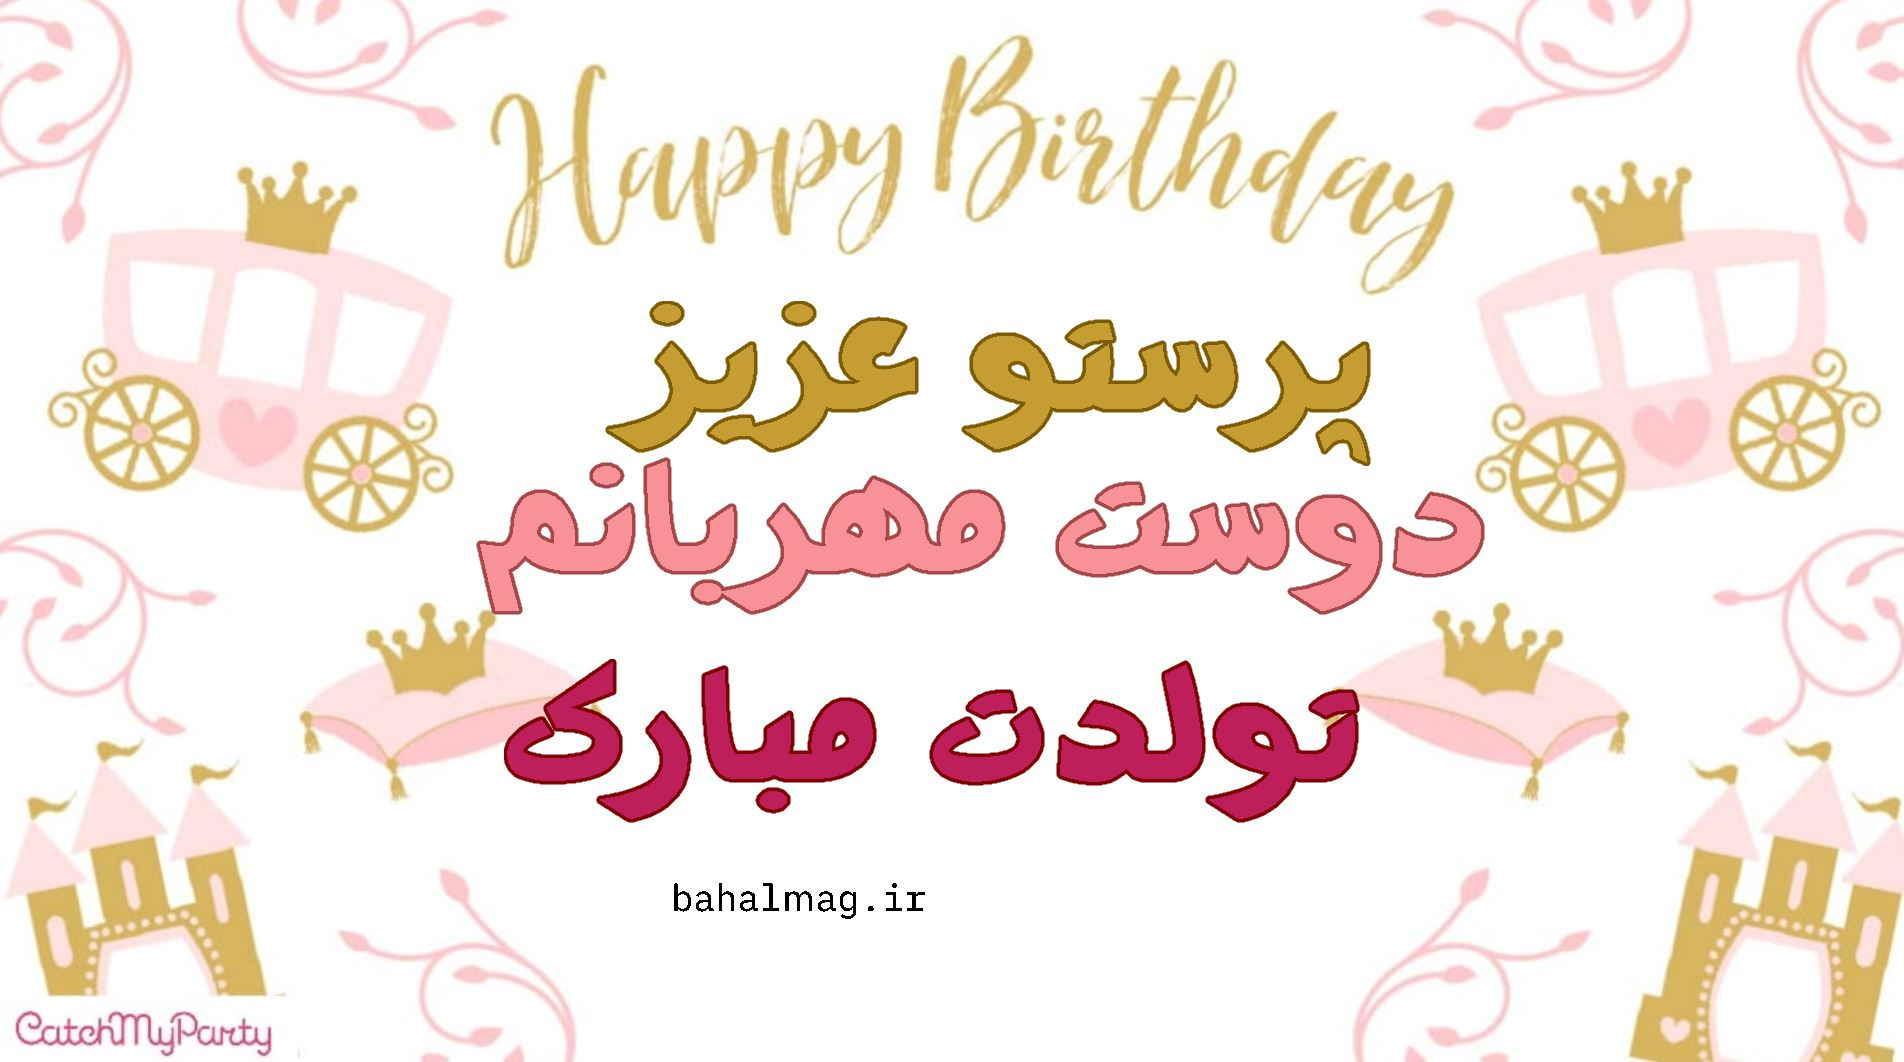 پرستو دوست عزیزم تولدت مبارک باد